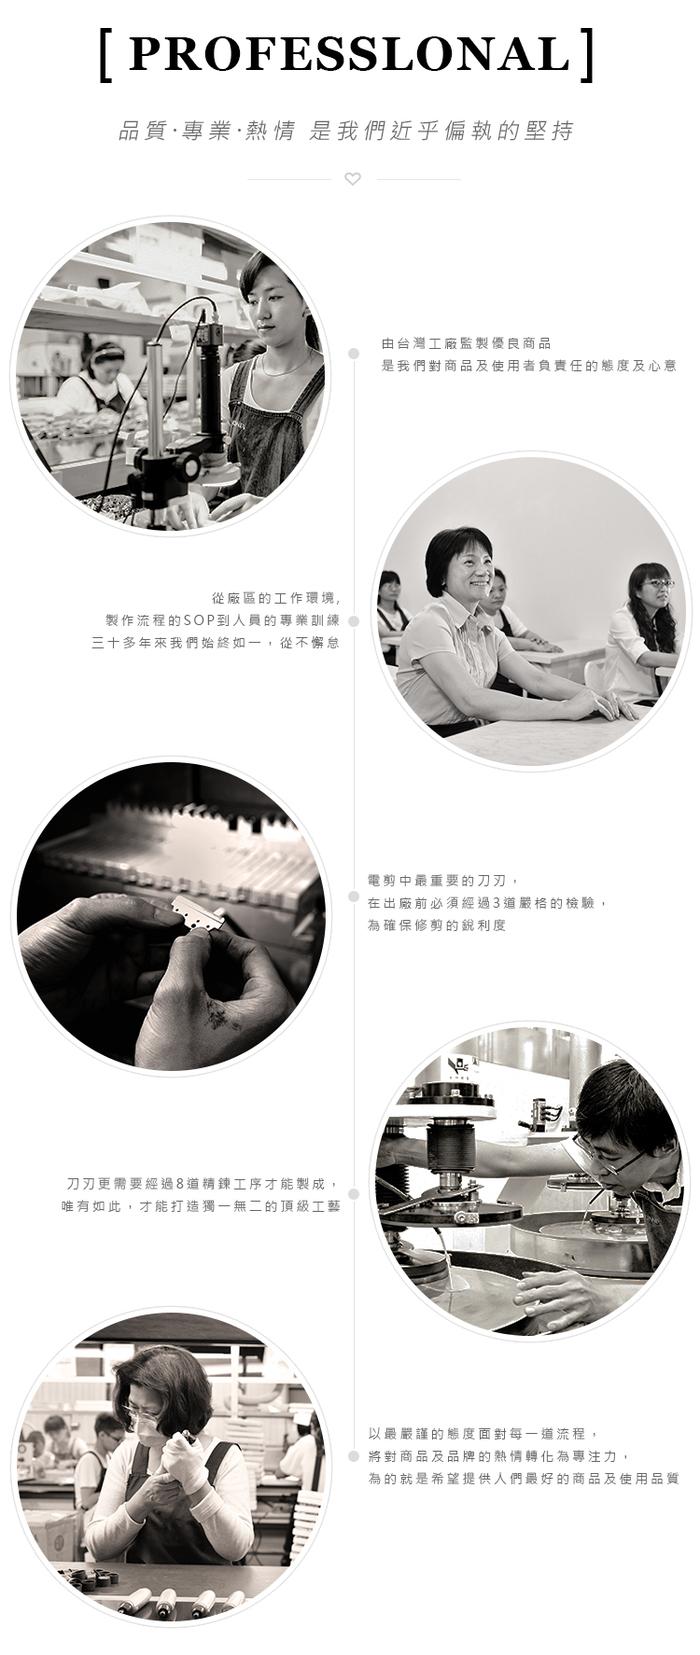 奧本 URBANER 筆型電動修眉刀(修眉刀、修容刀、除毛刀) MB-052